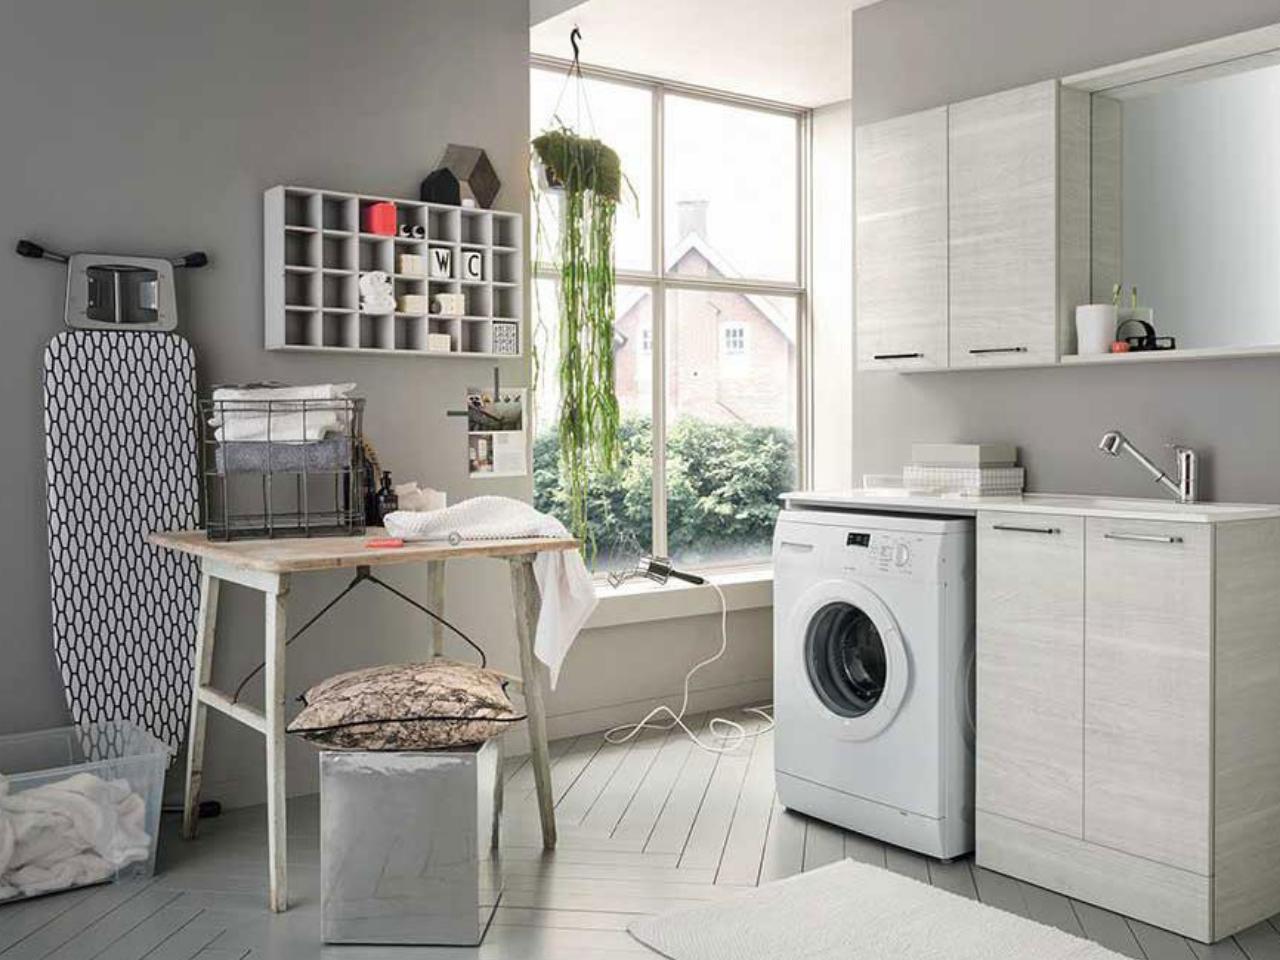 Bagnoidea prodotti e tendenze per arredare il bagno for Lavanderia in casa